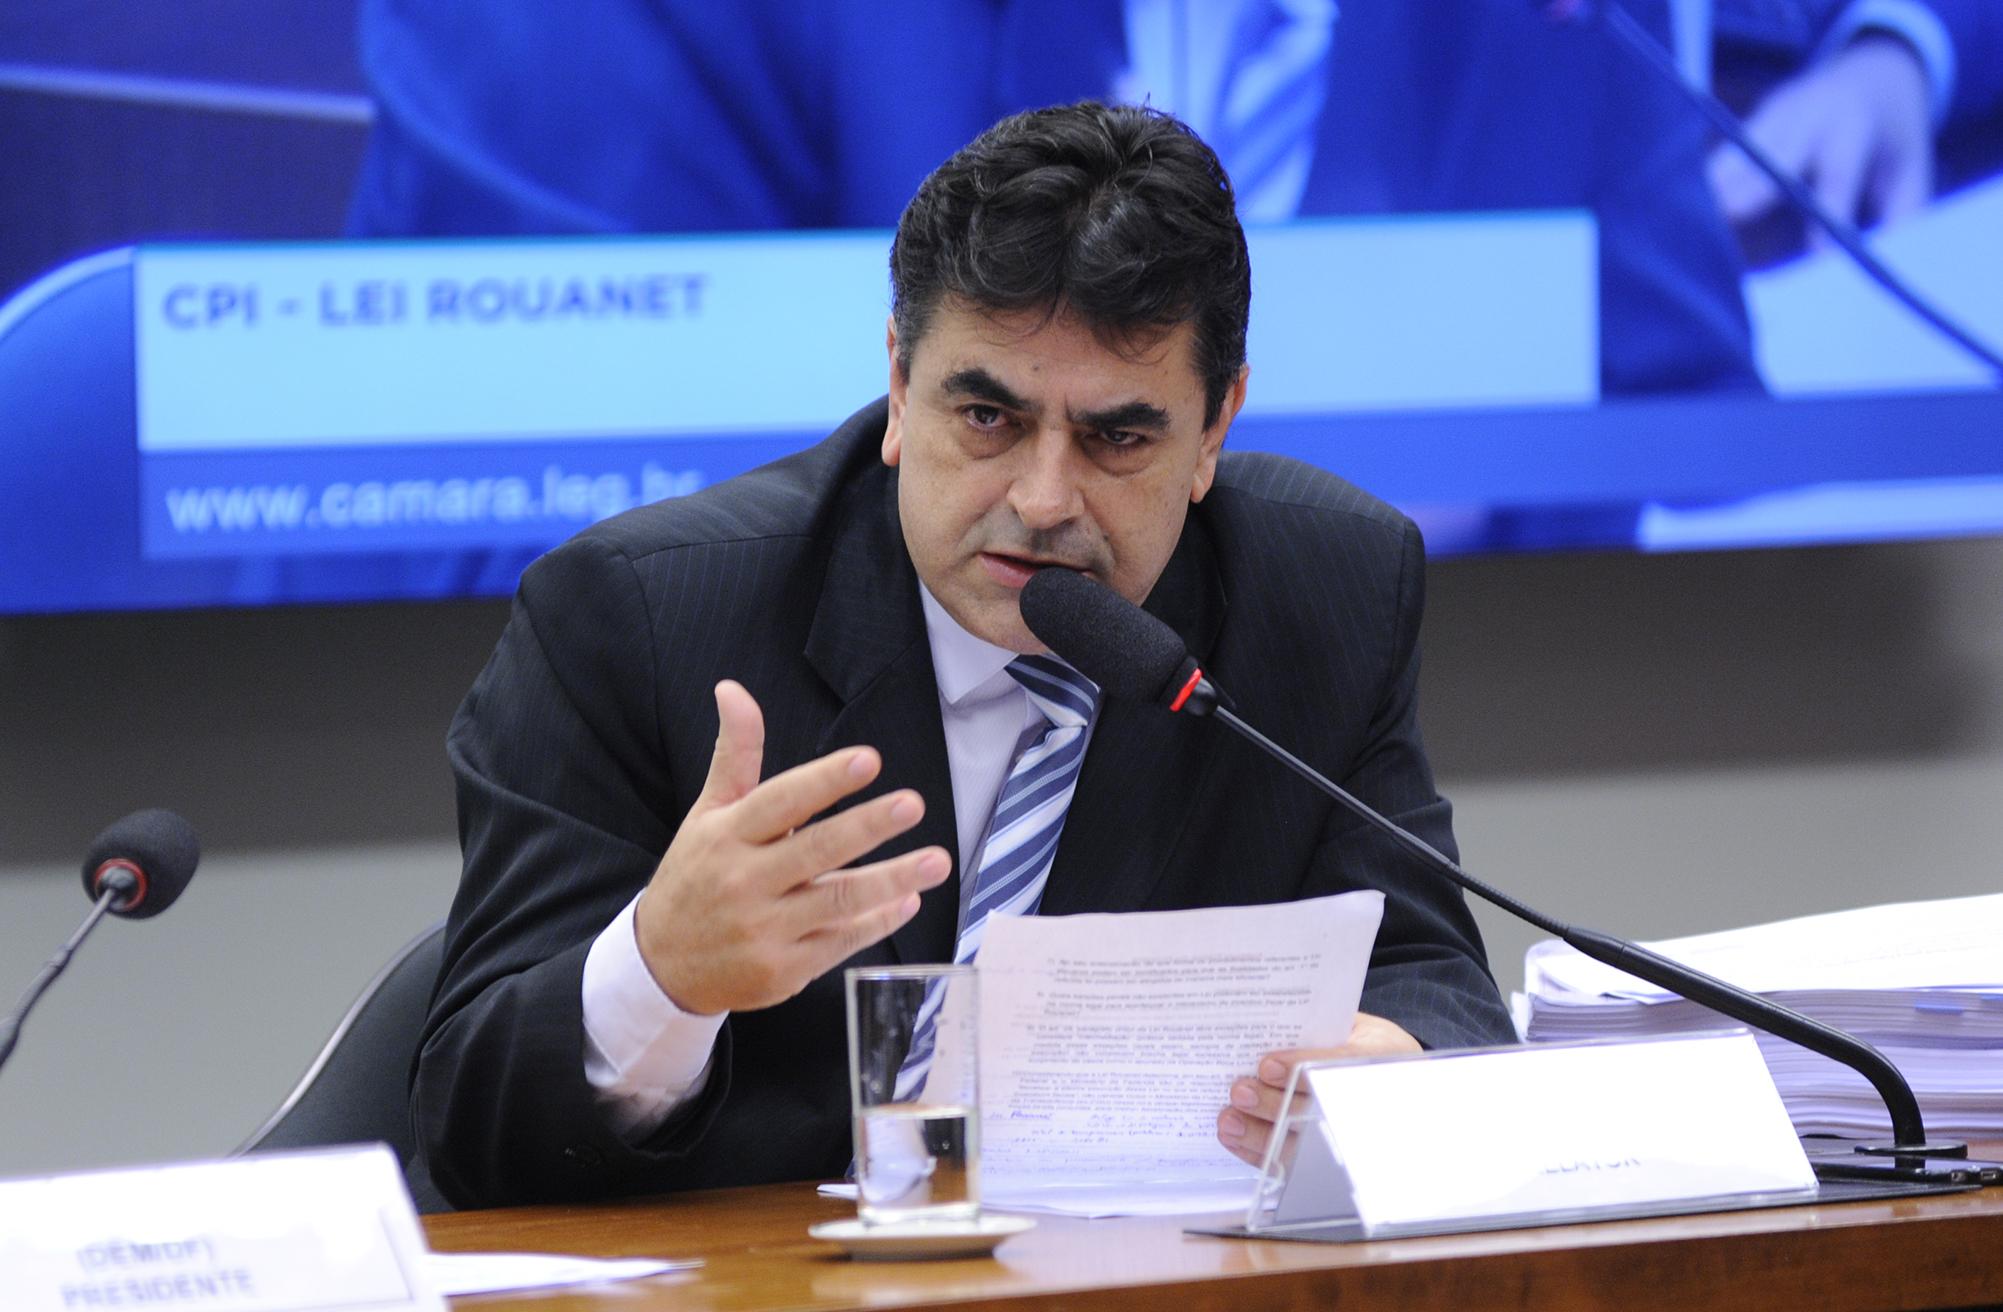 Audiência pública para esclarecimentos sobre fatos relacionados ao objeto de investigação da CPI. Dep. Domingos Sávio (PSDB-MG)